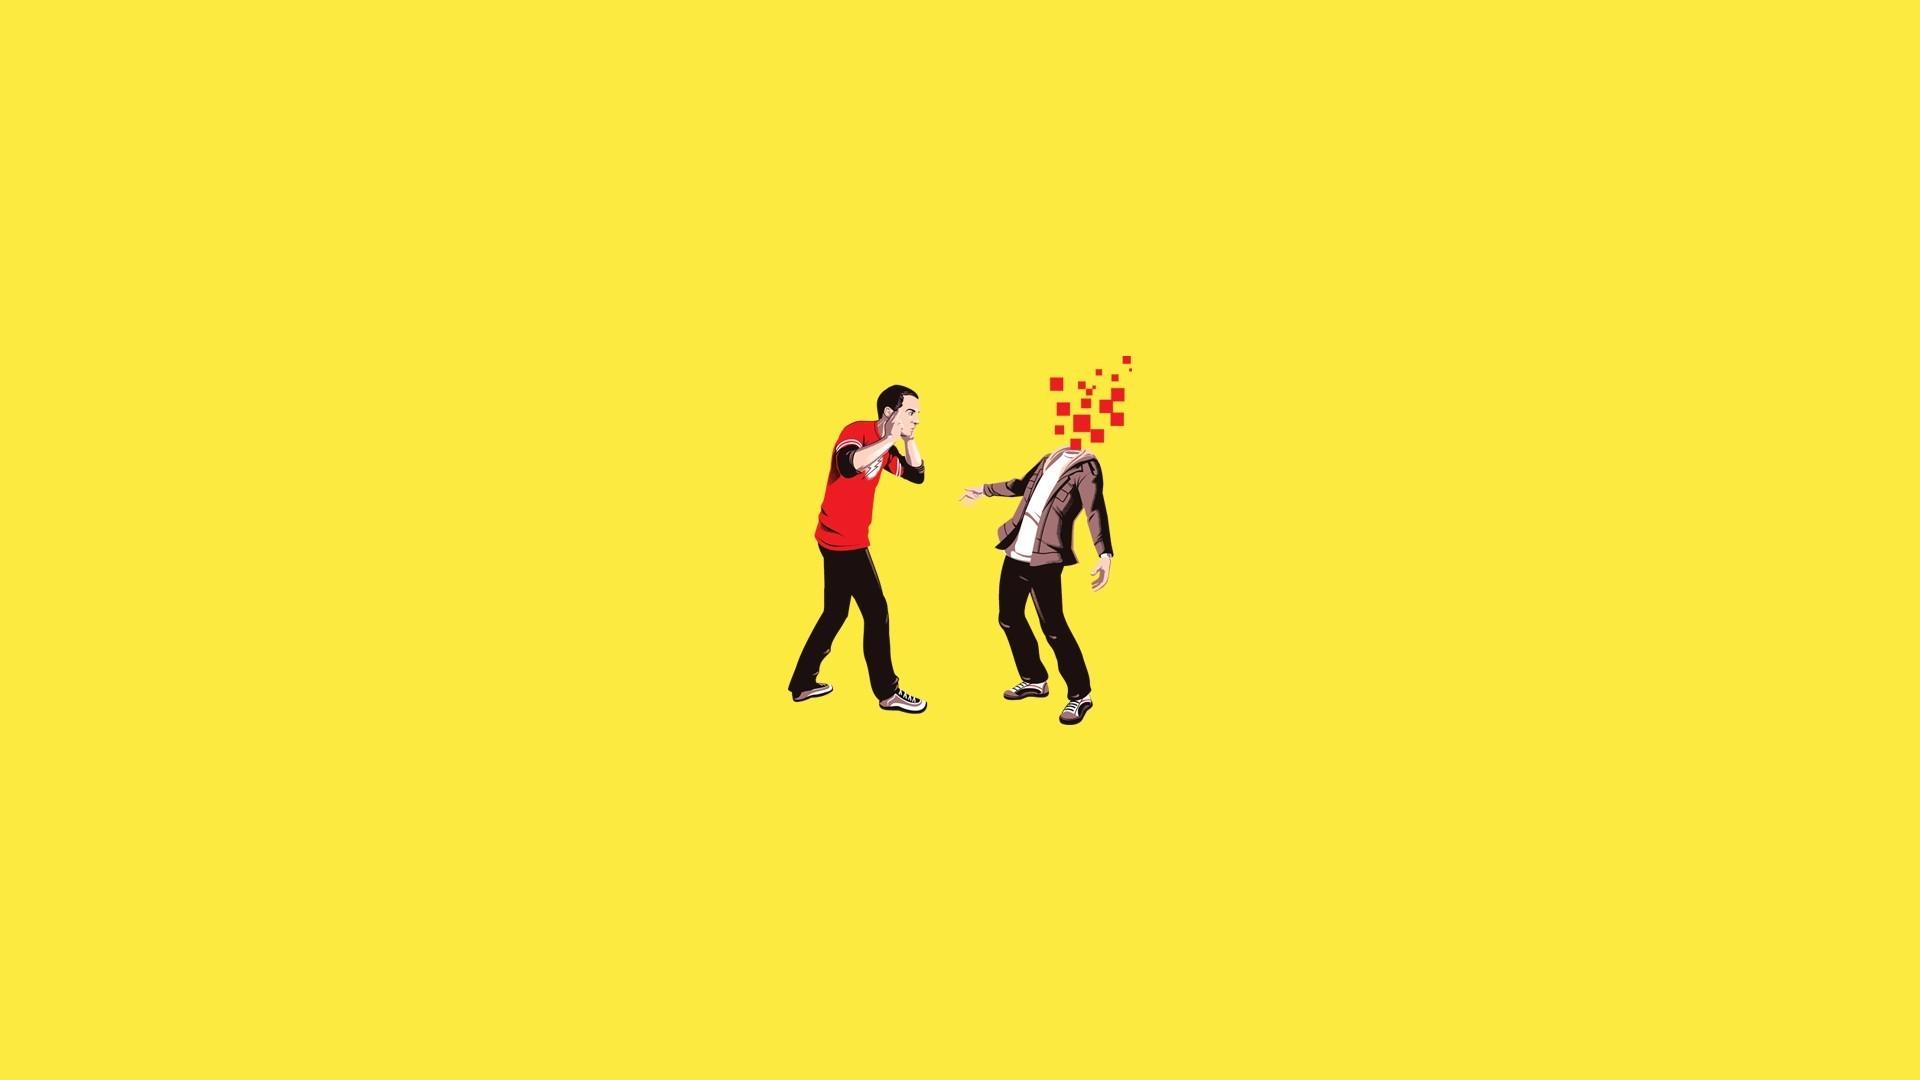 Big Bang Theory Wallpapers (72+ images)